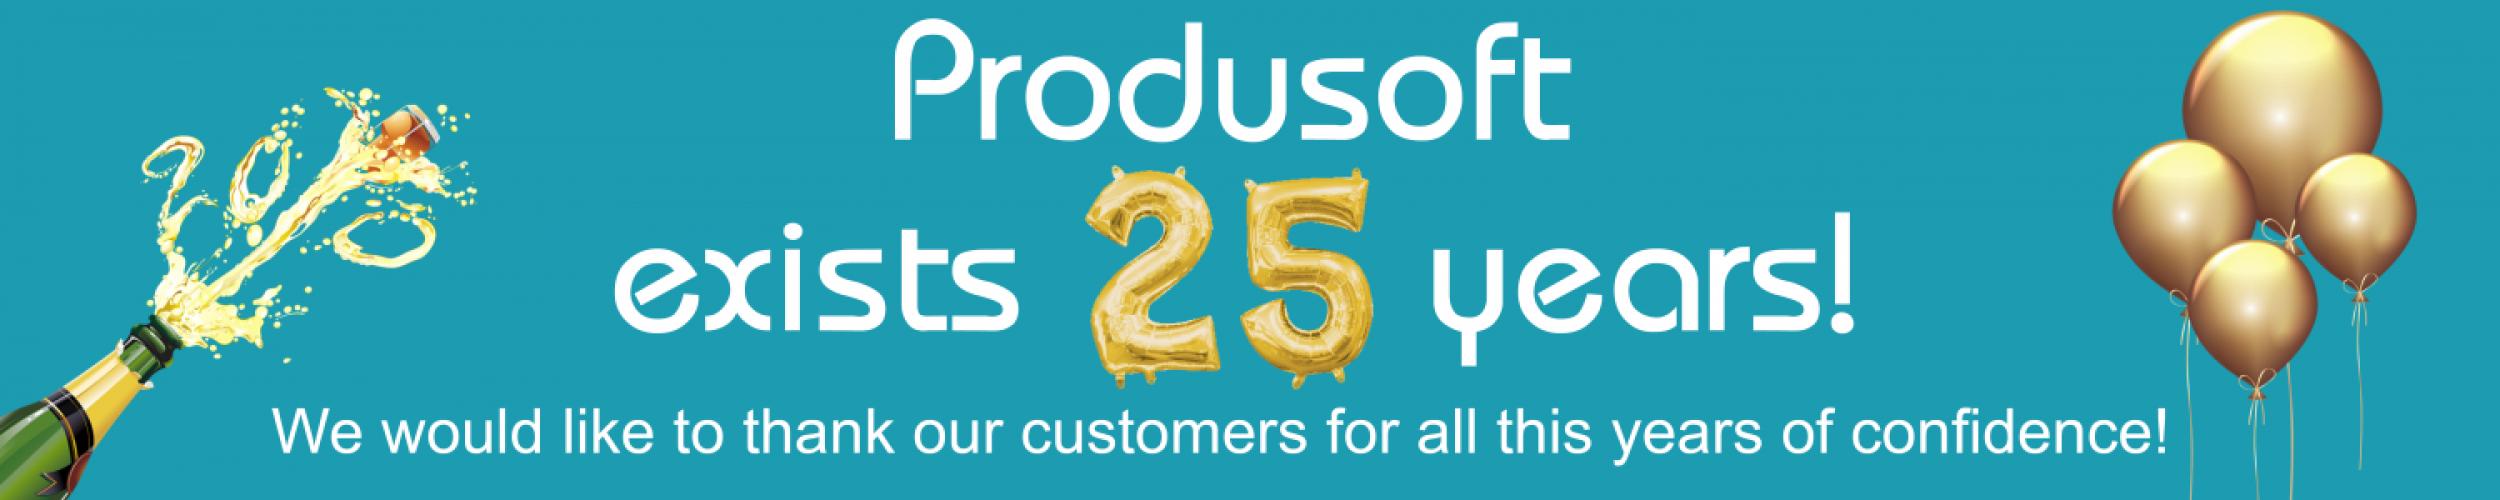 Produsoft, your CAD/CAM partner